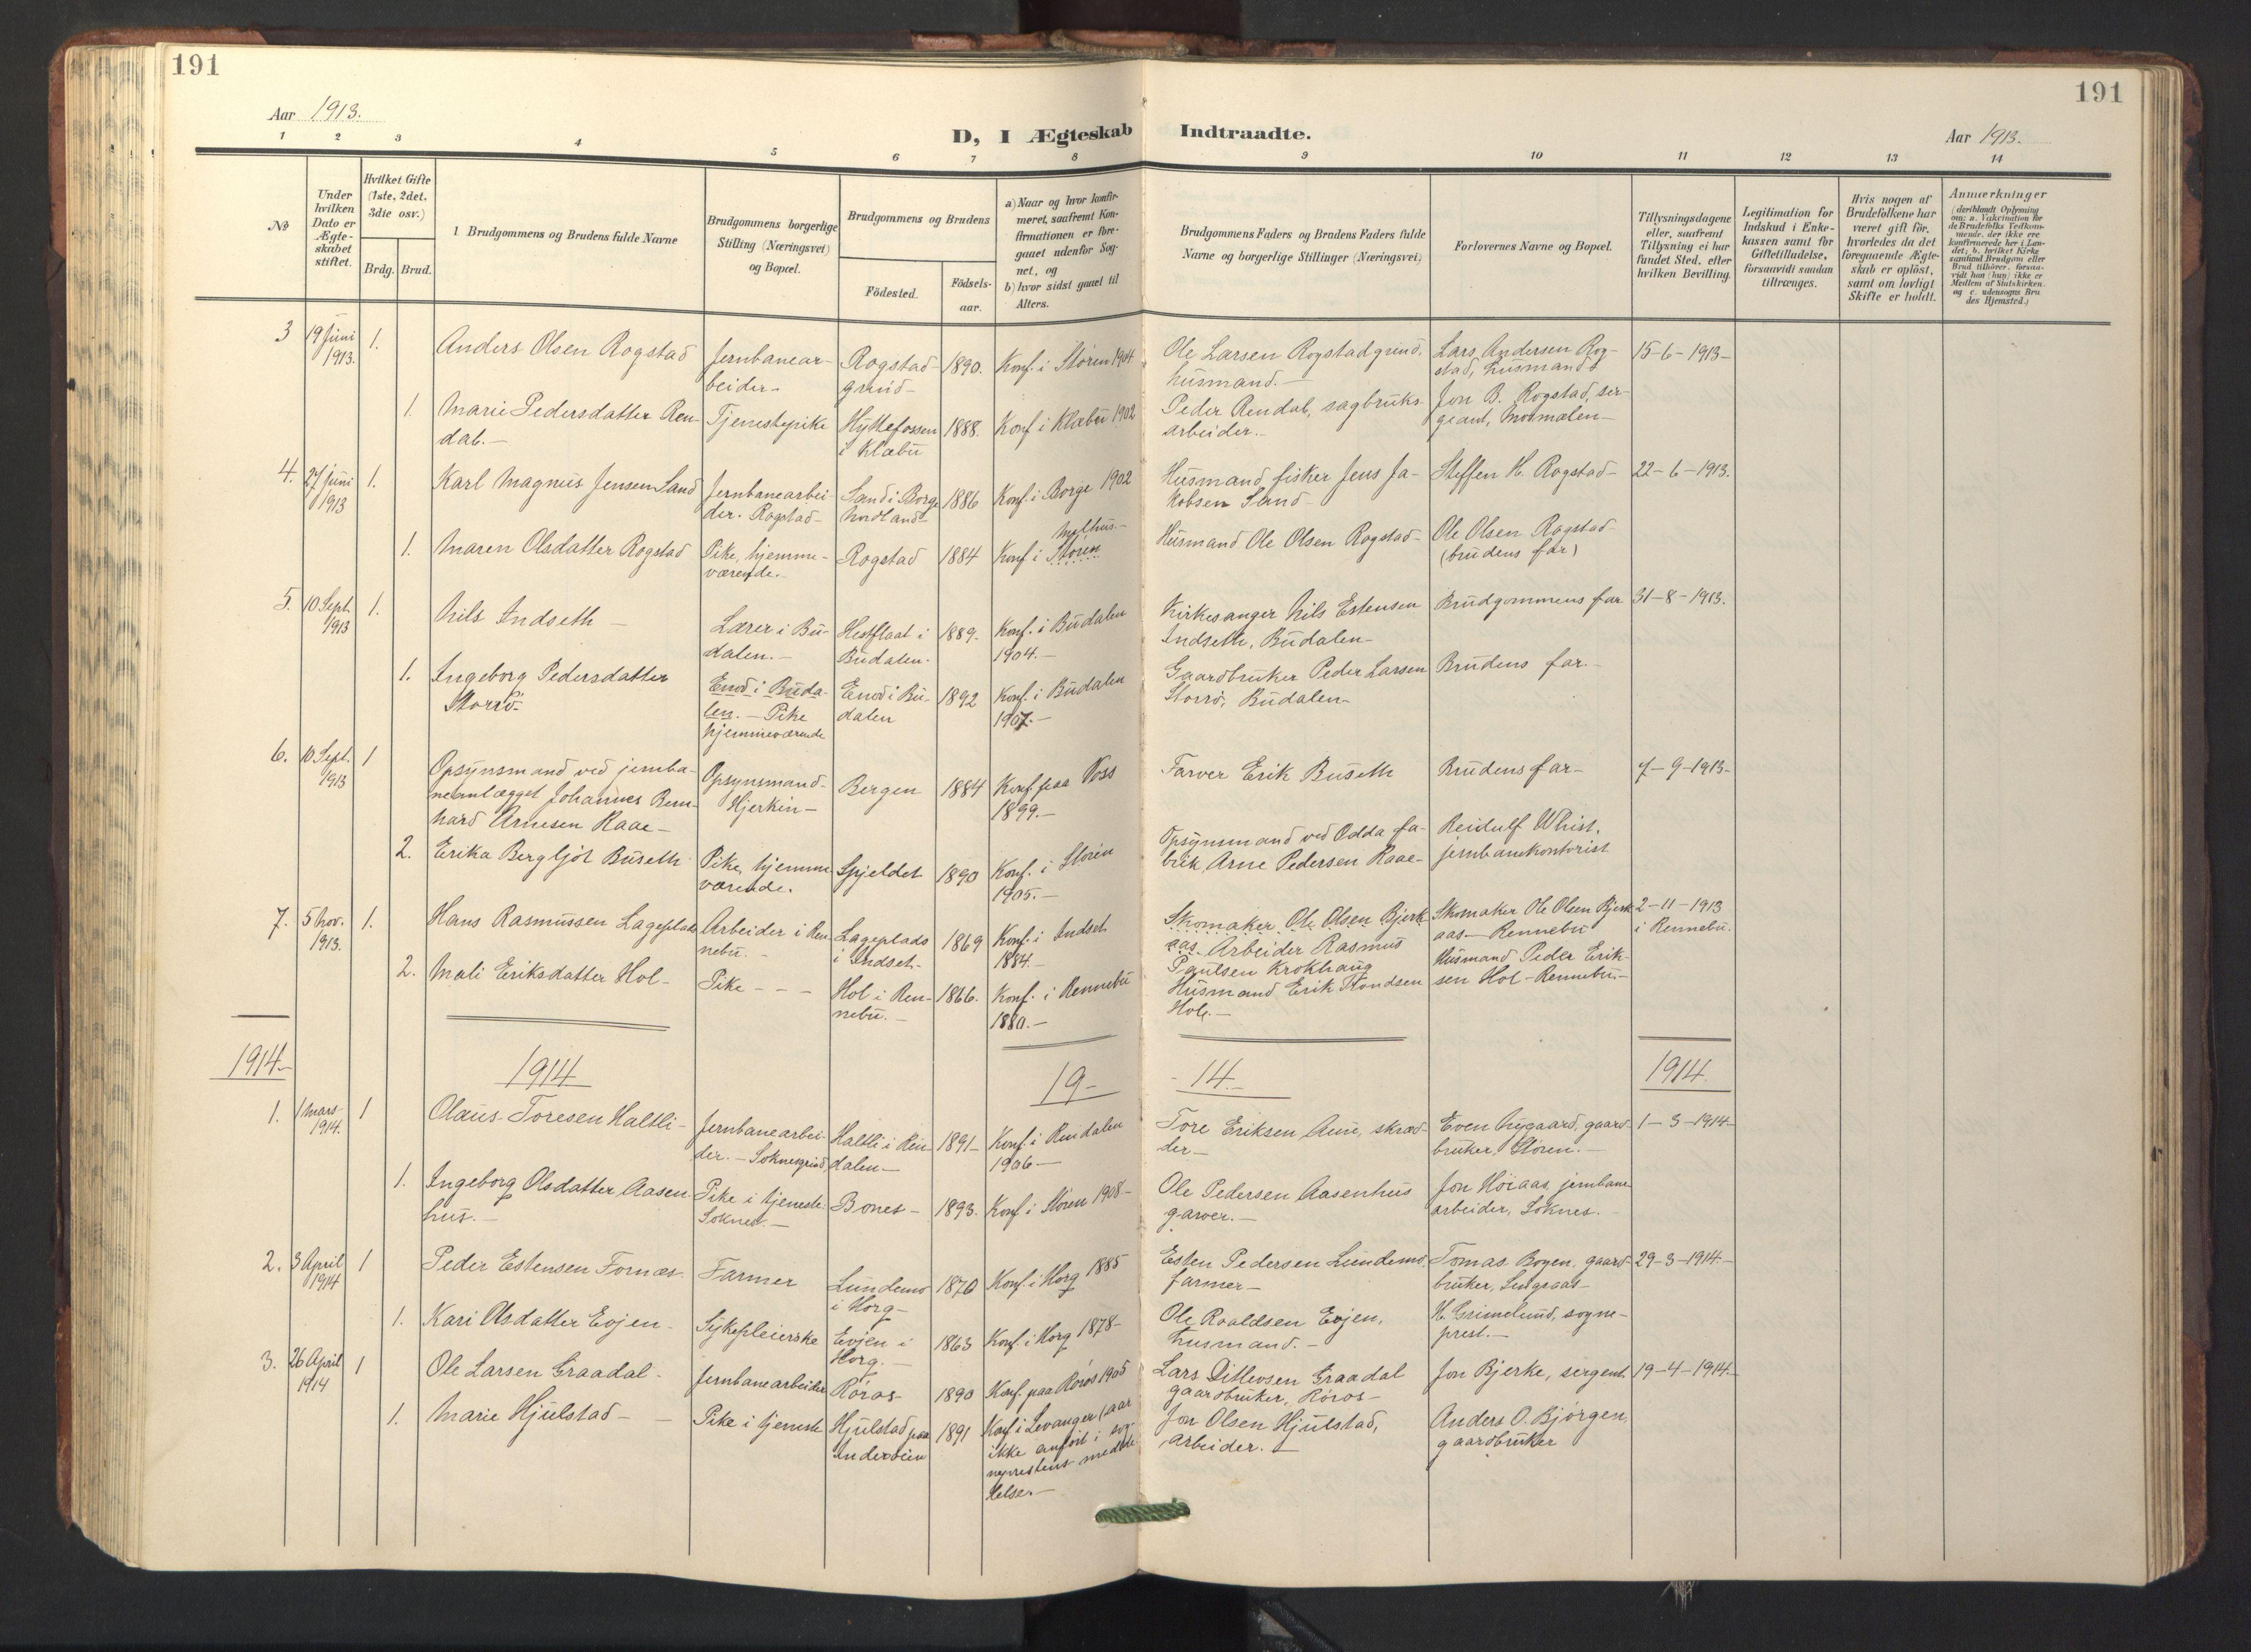 SAT, Ministerialprotokoller, klokkerbøker og fødselsregistre - Sør-Trøndelag, 687/L1019: Klokkerbok nr. 687C03, 1904-1931, s. 191